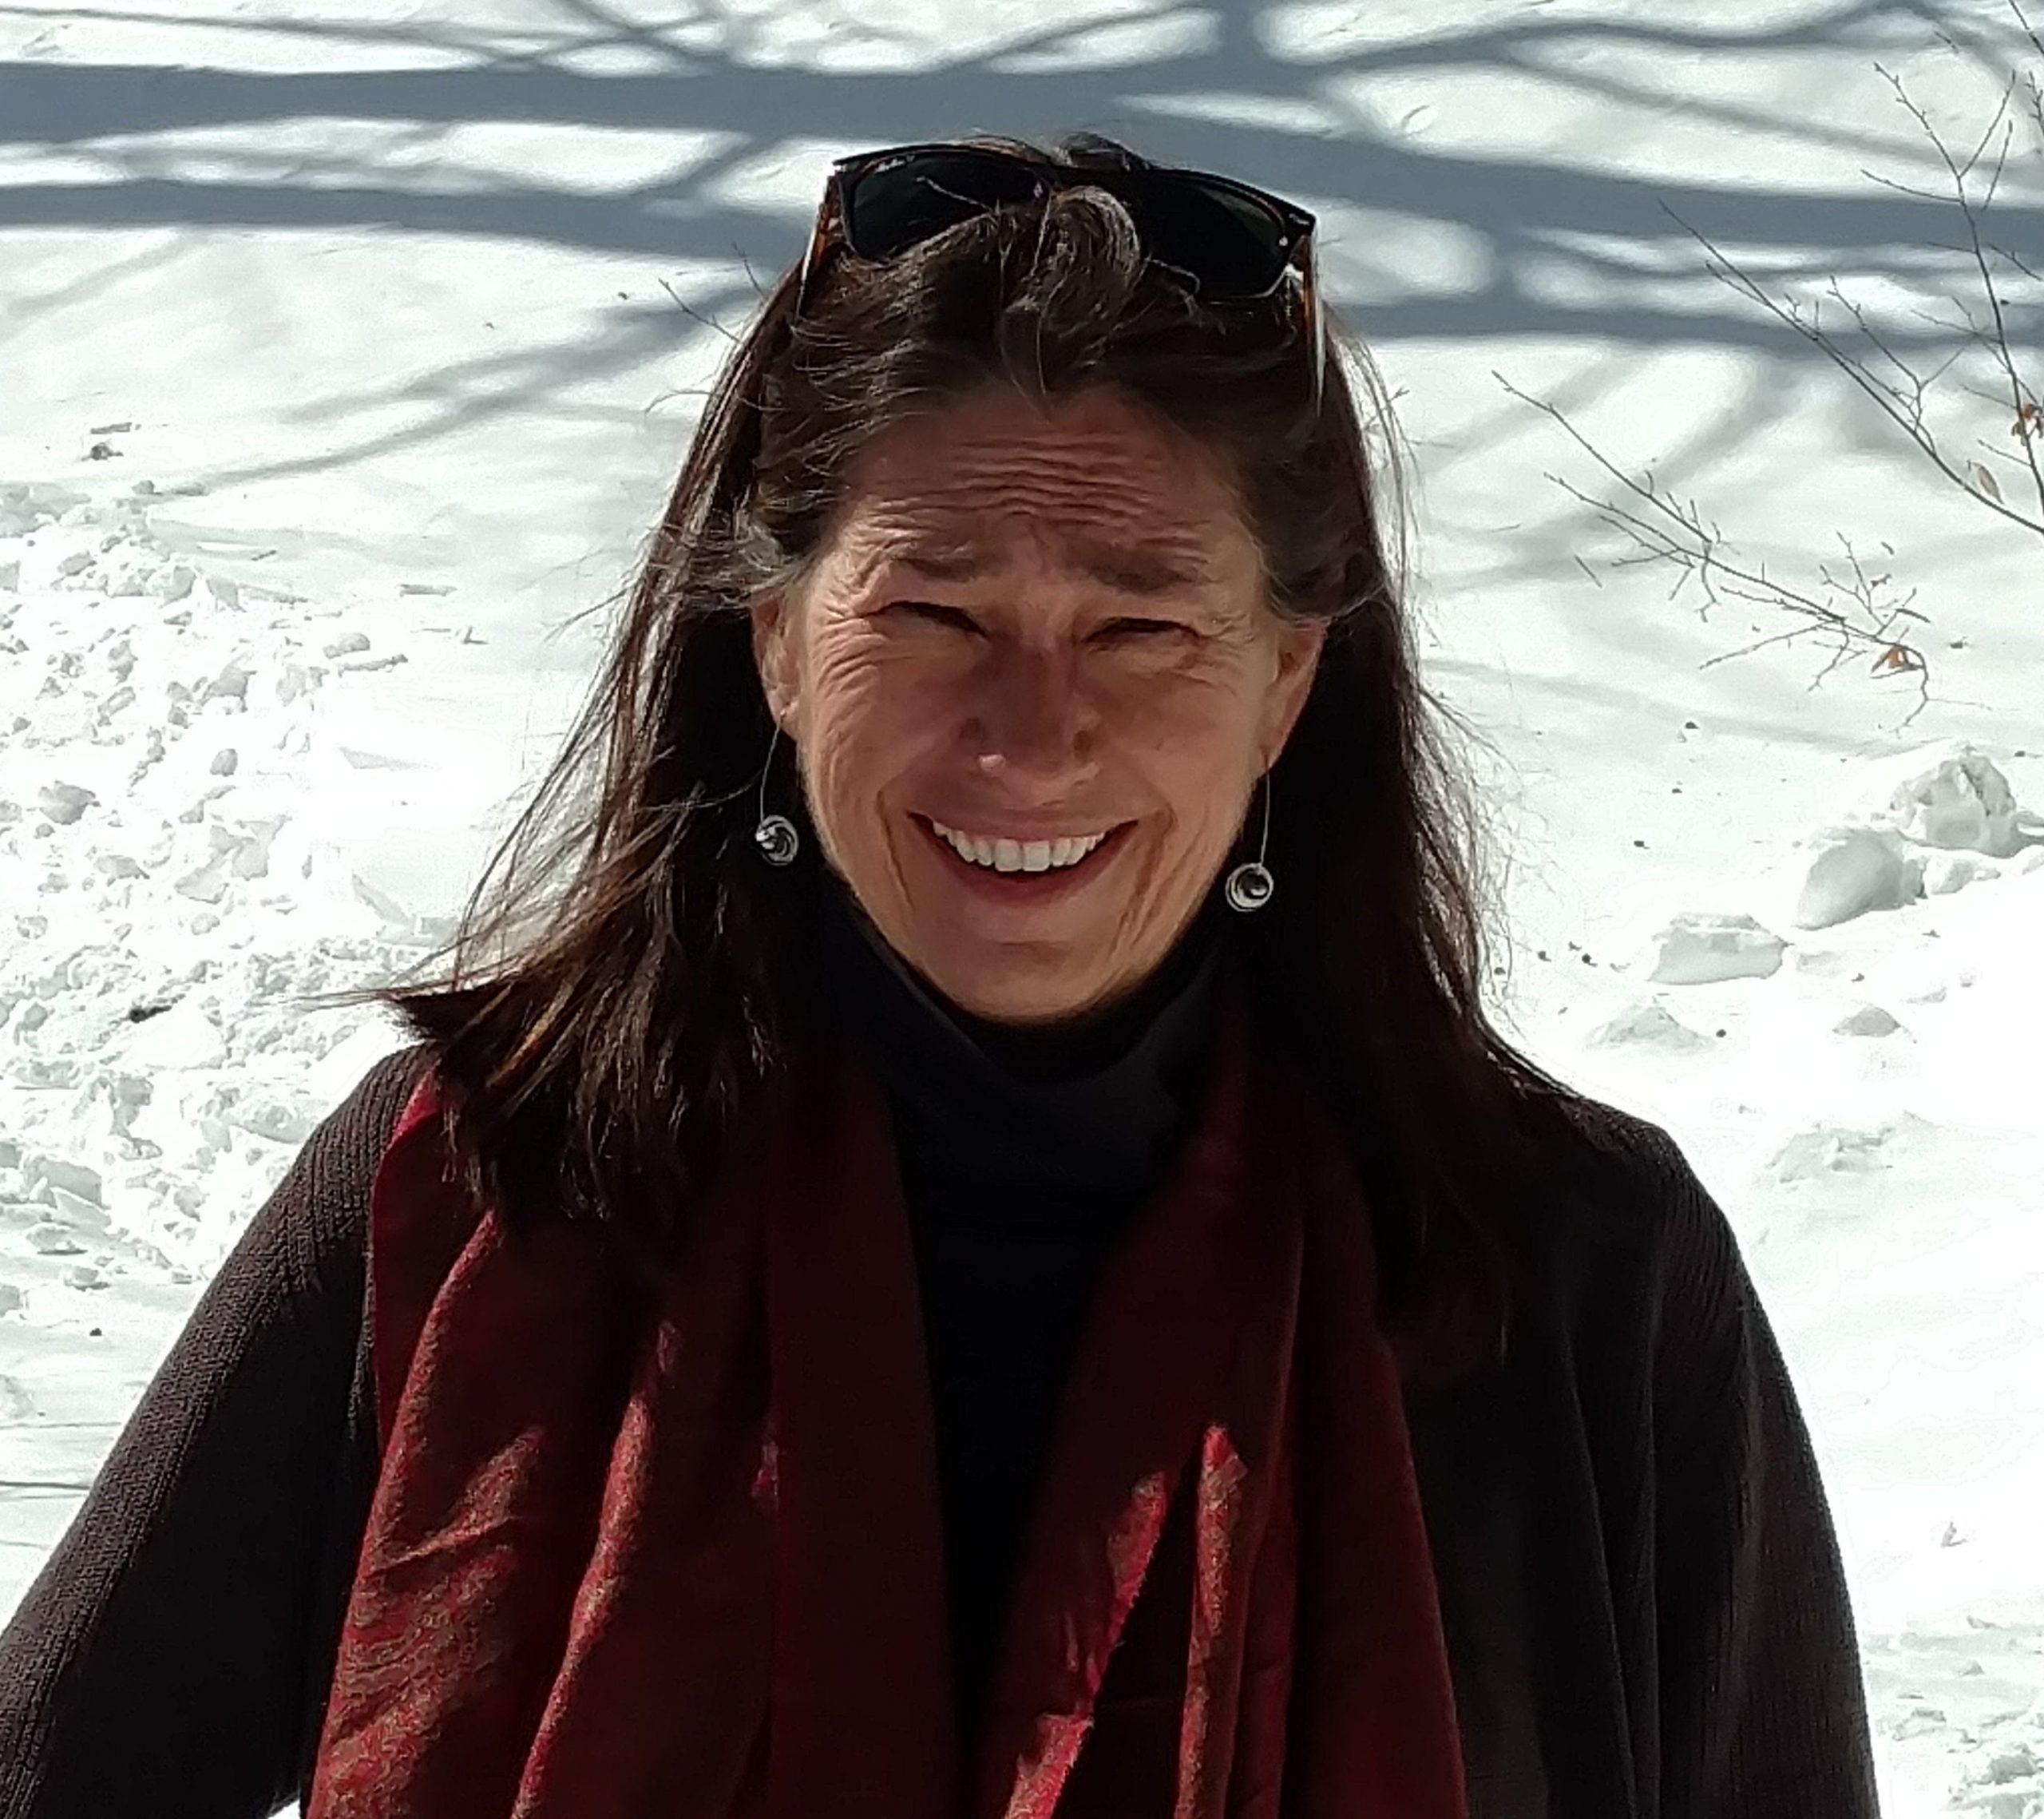 Tina Oddleifson